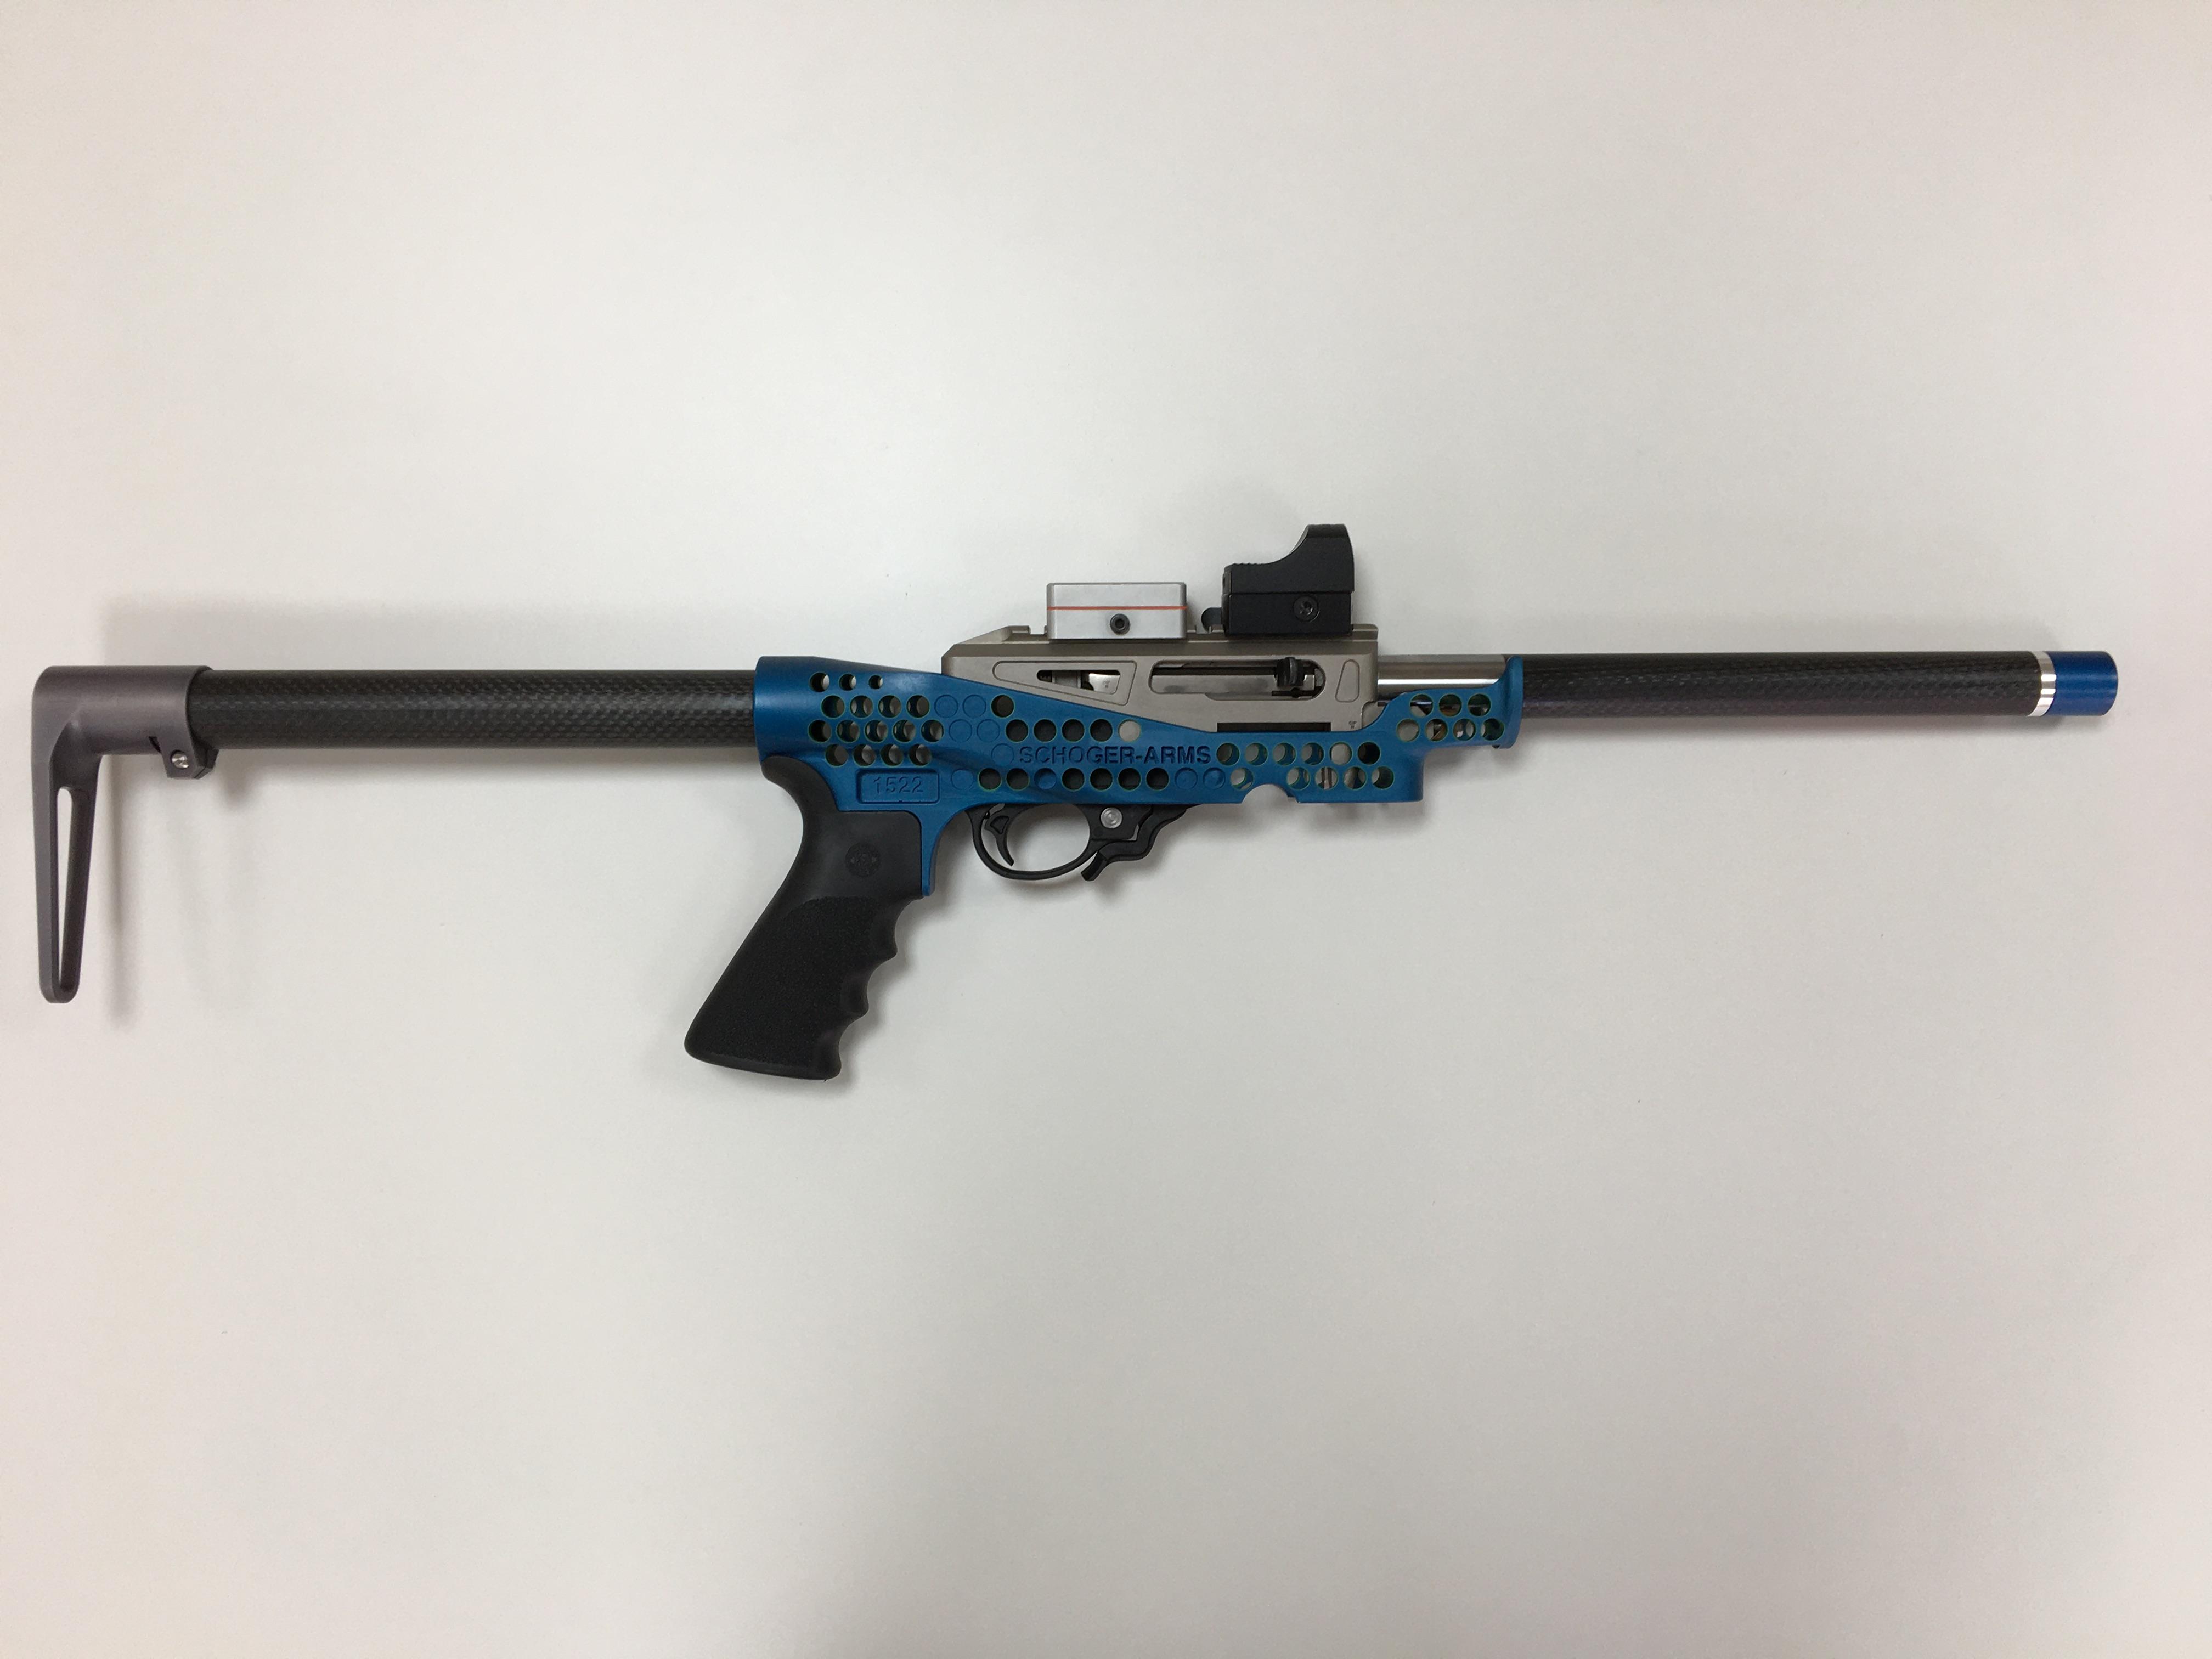 Schoger-Arms 11er